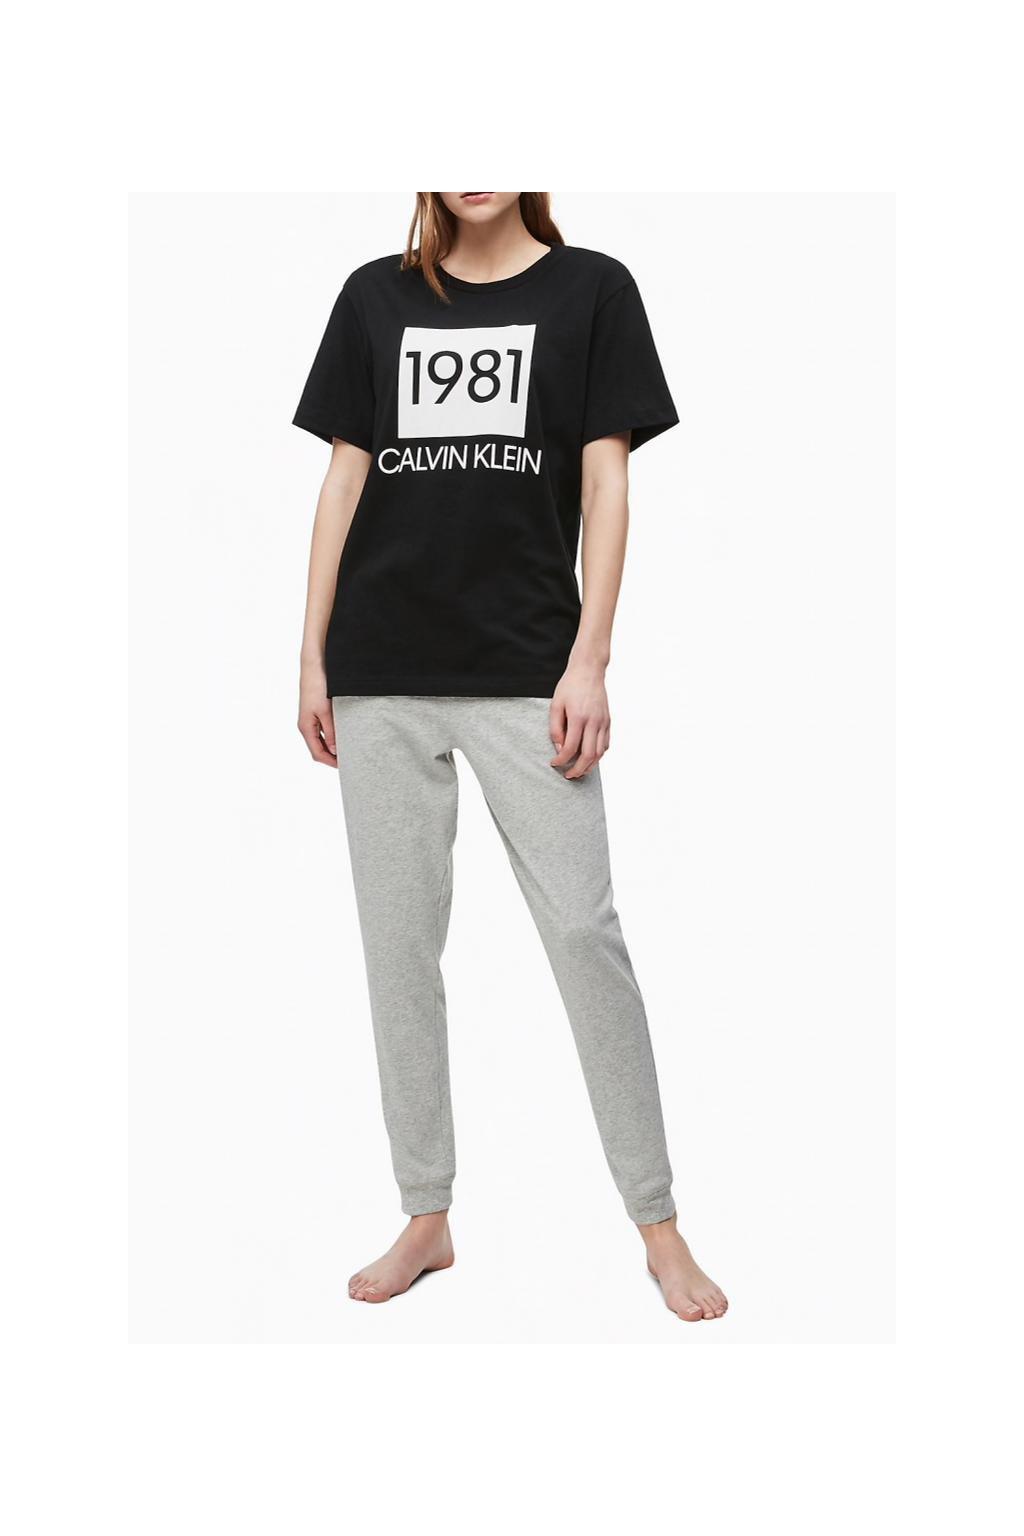 Calvin Klein dámské tričko 1981 Bold - černé